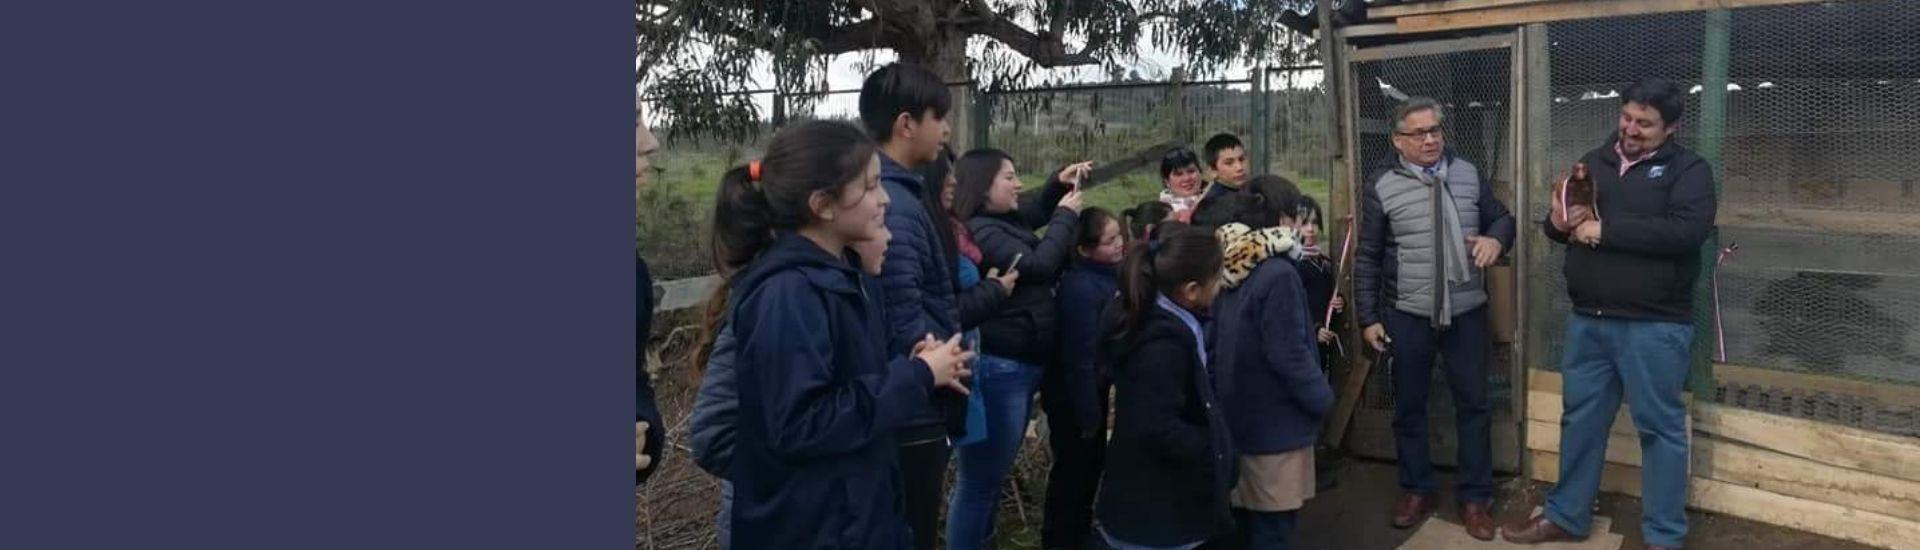 profe Álvaro con sus alumnos en una granja aprendiendo habilidades fuera del aula